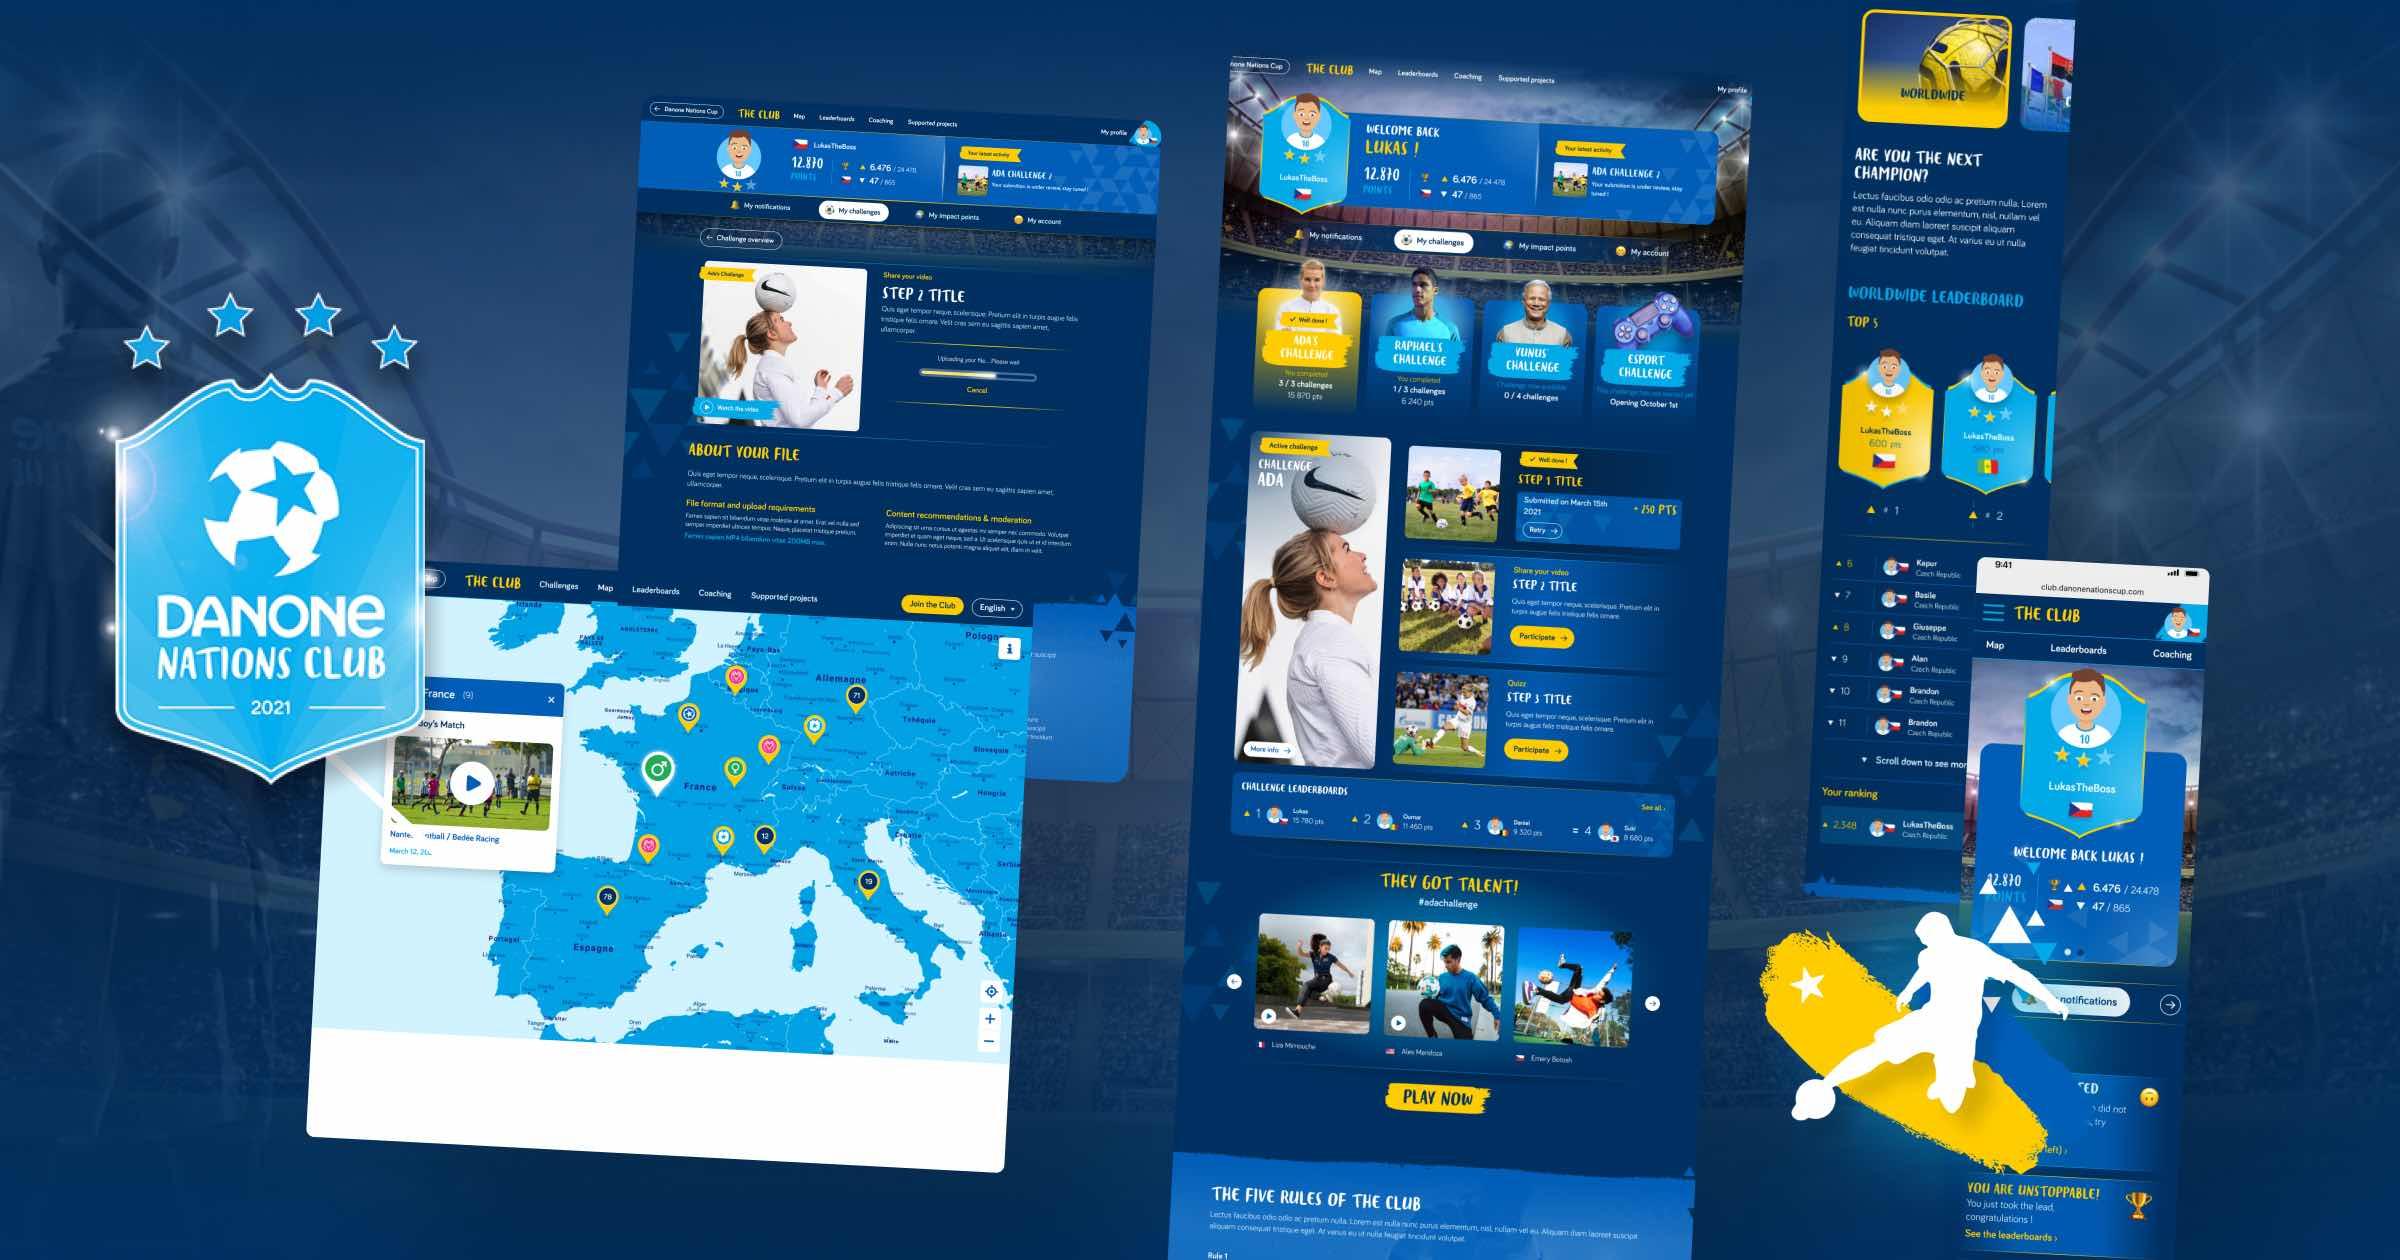 Danone - Danone Nations Club - Création de site internet